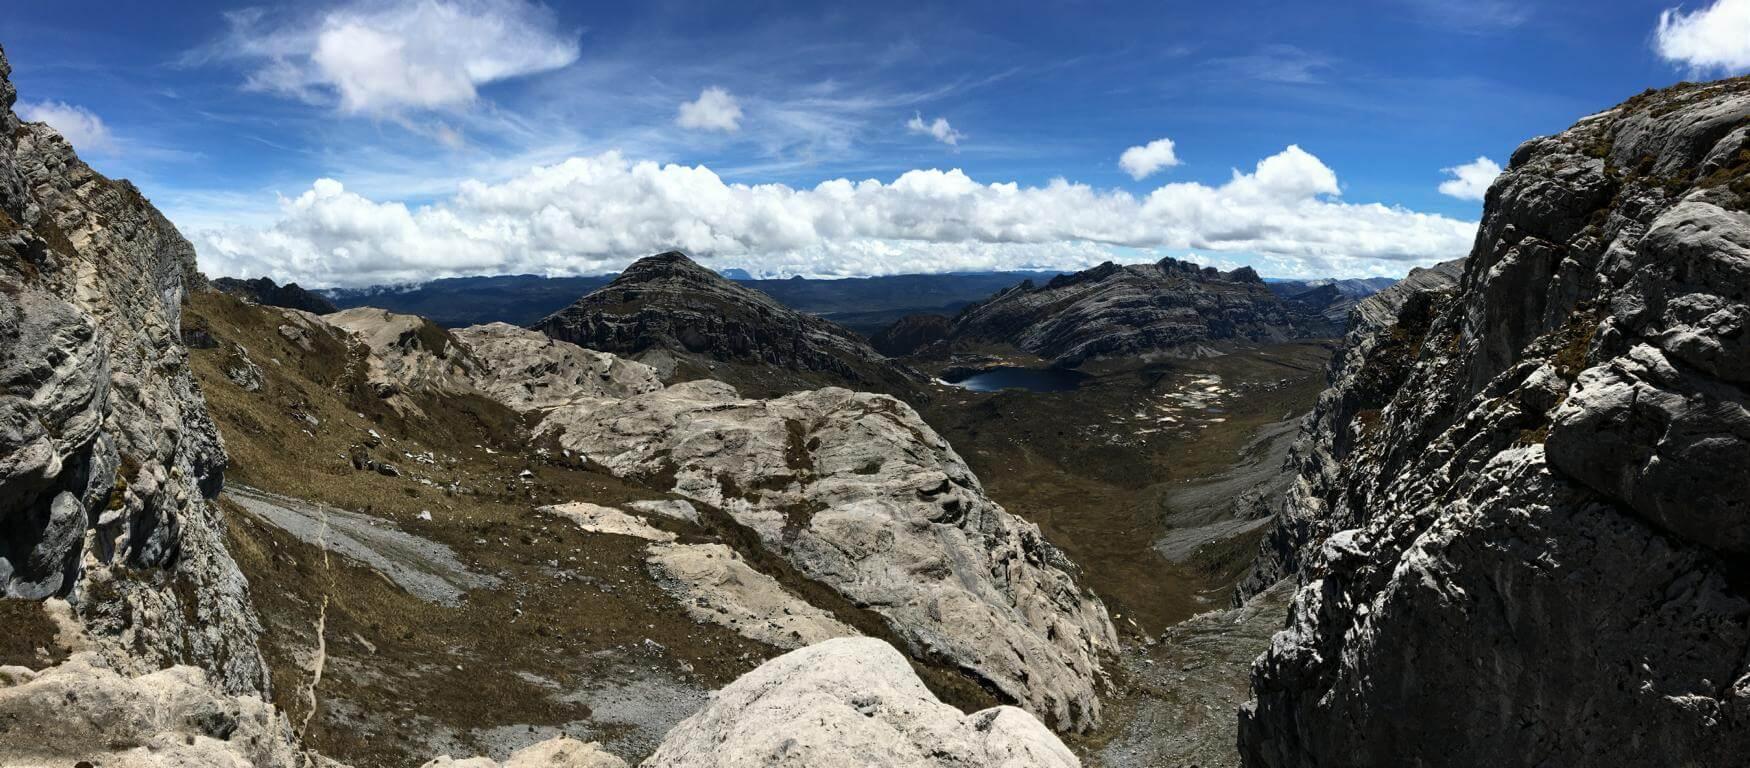 Blick vom Neuseeland-Pass - Man könnte meinen es wären die Alpen - Carstensz-Pyramide